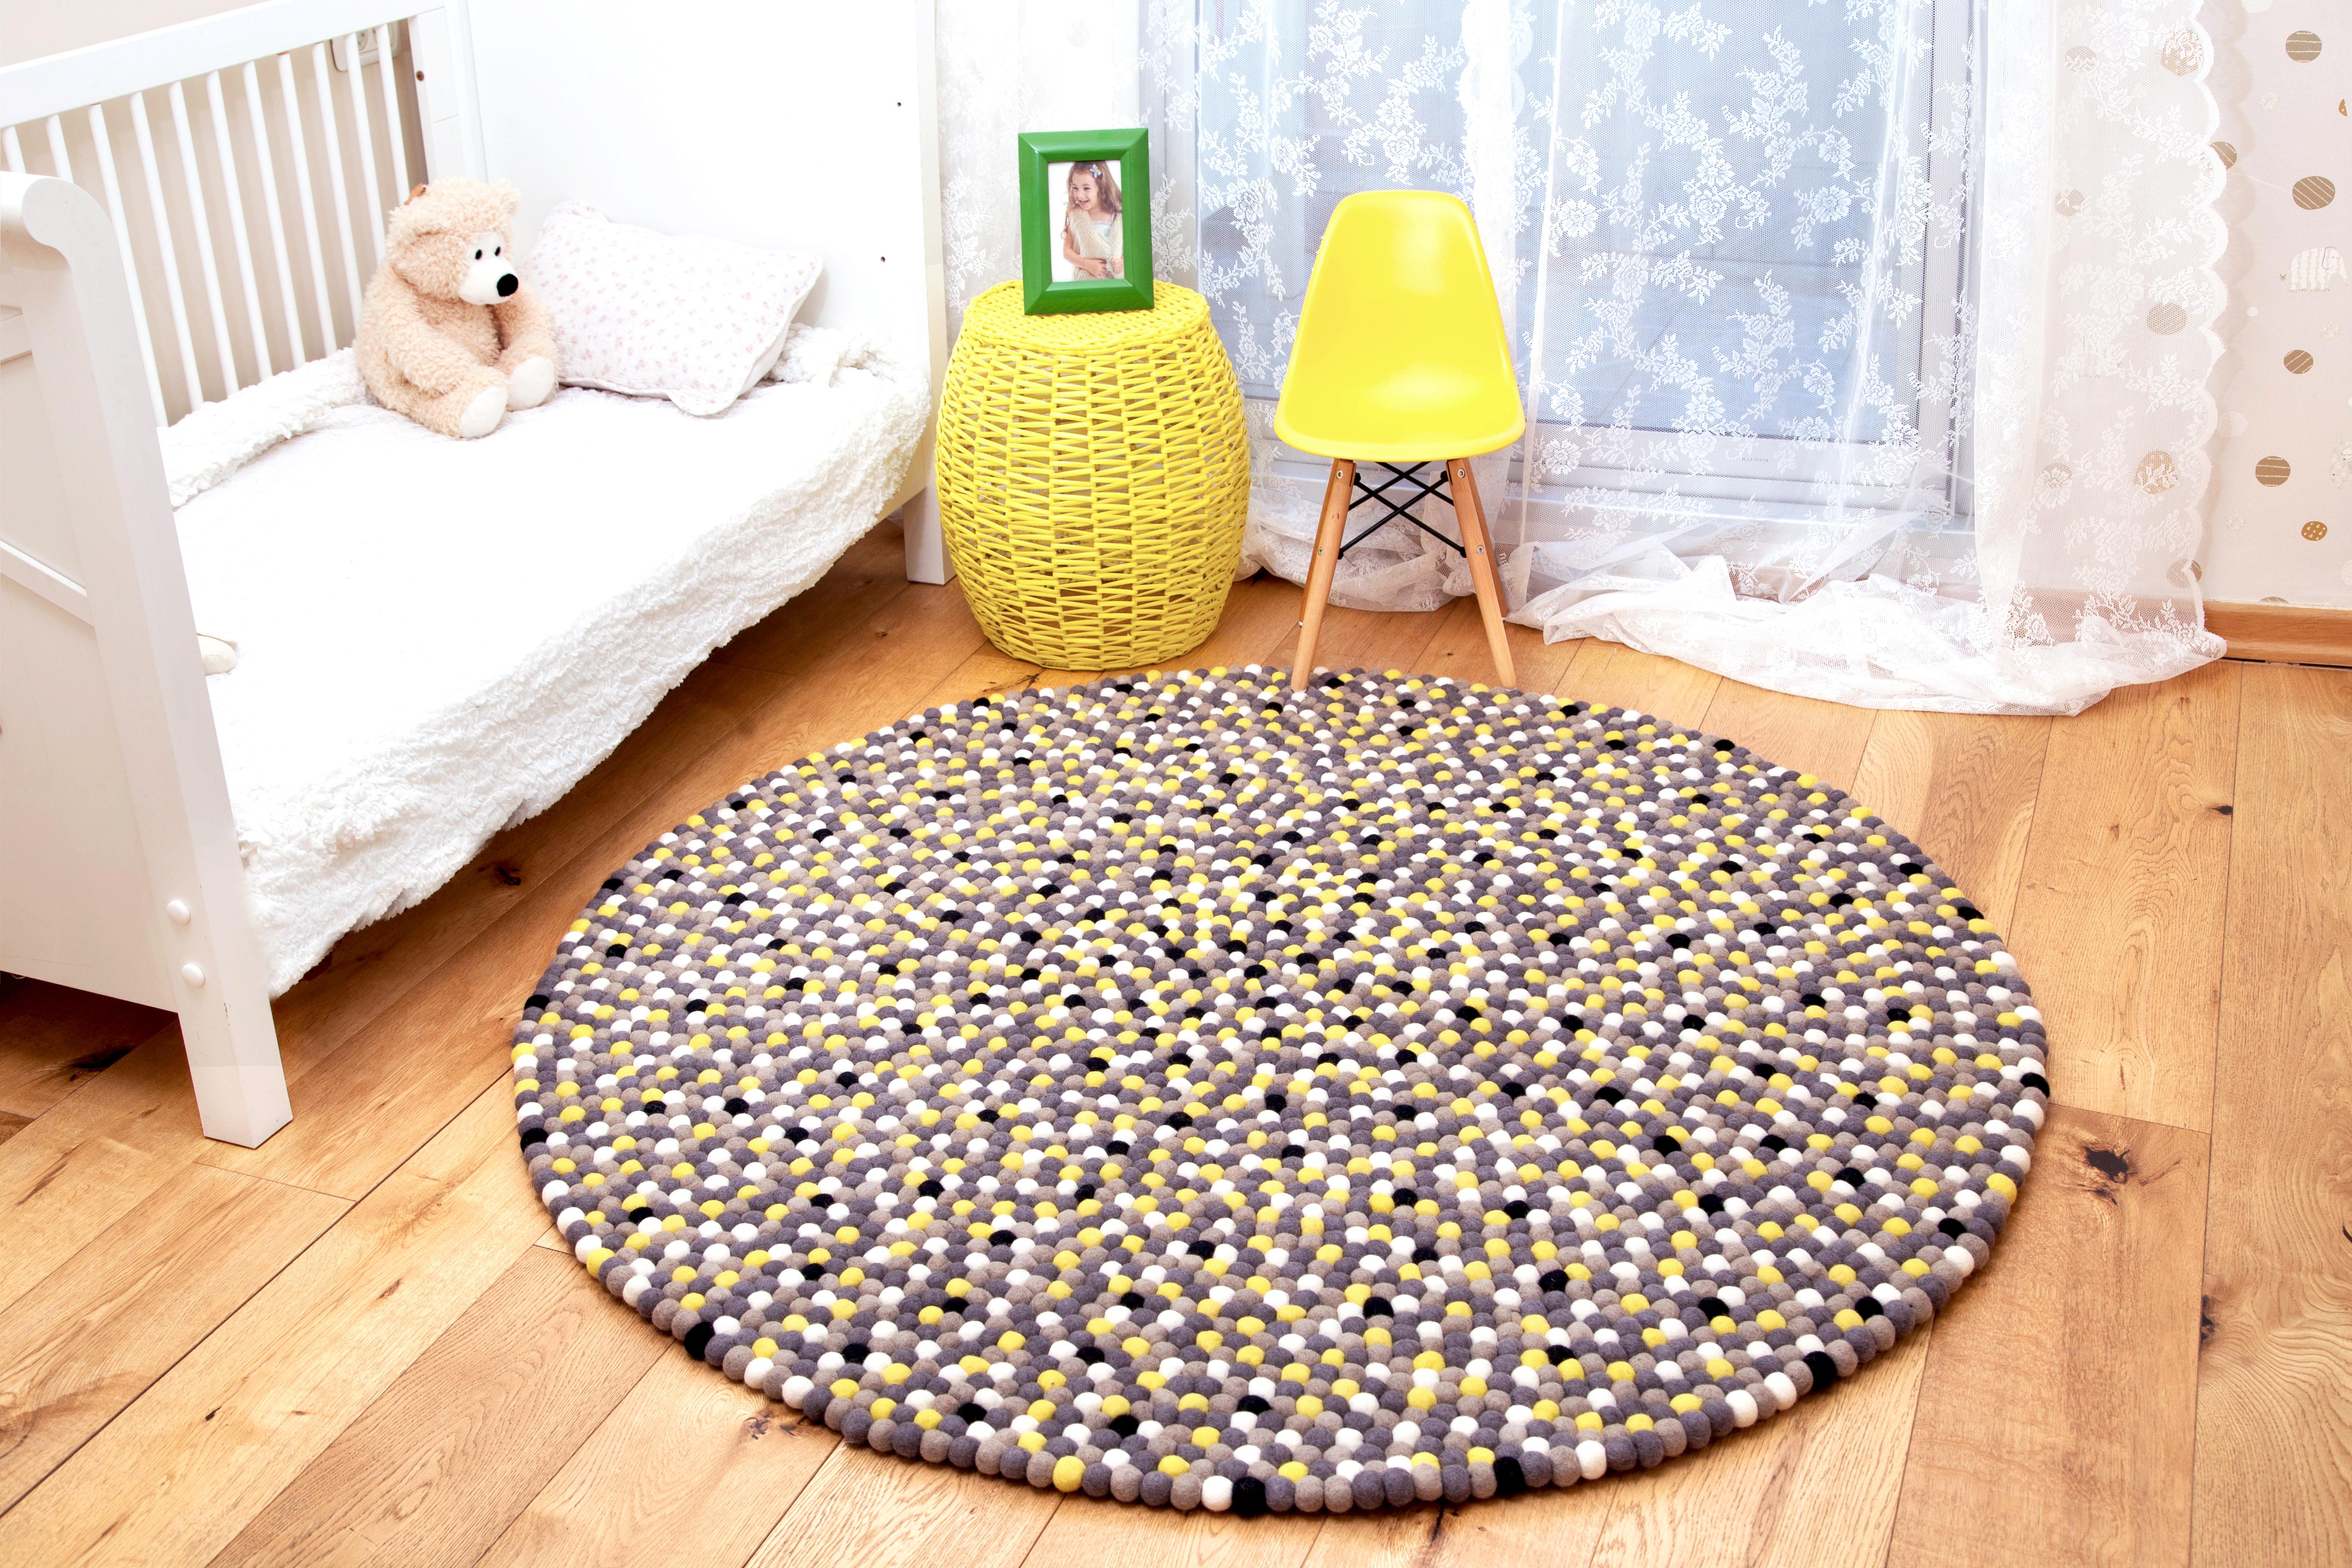 שטיח רך ונעים למגע